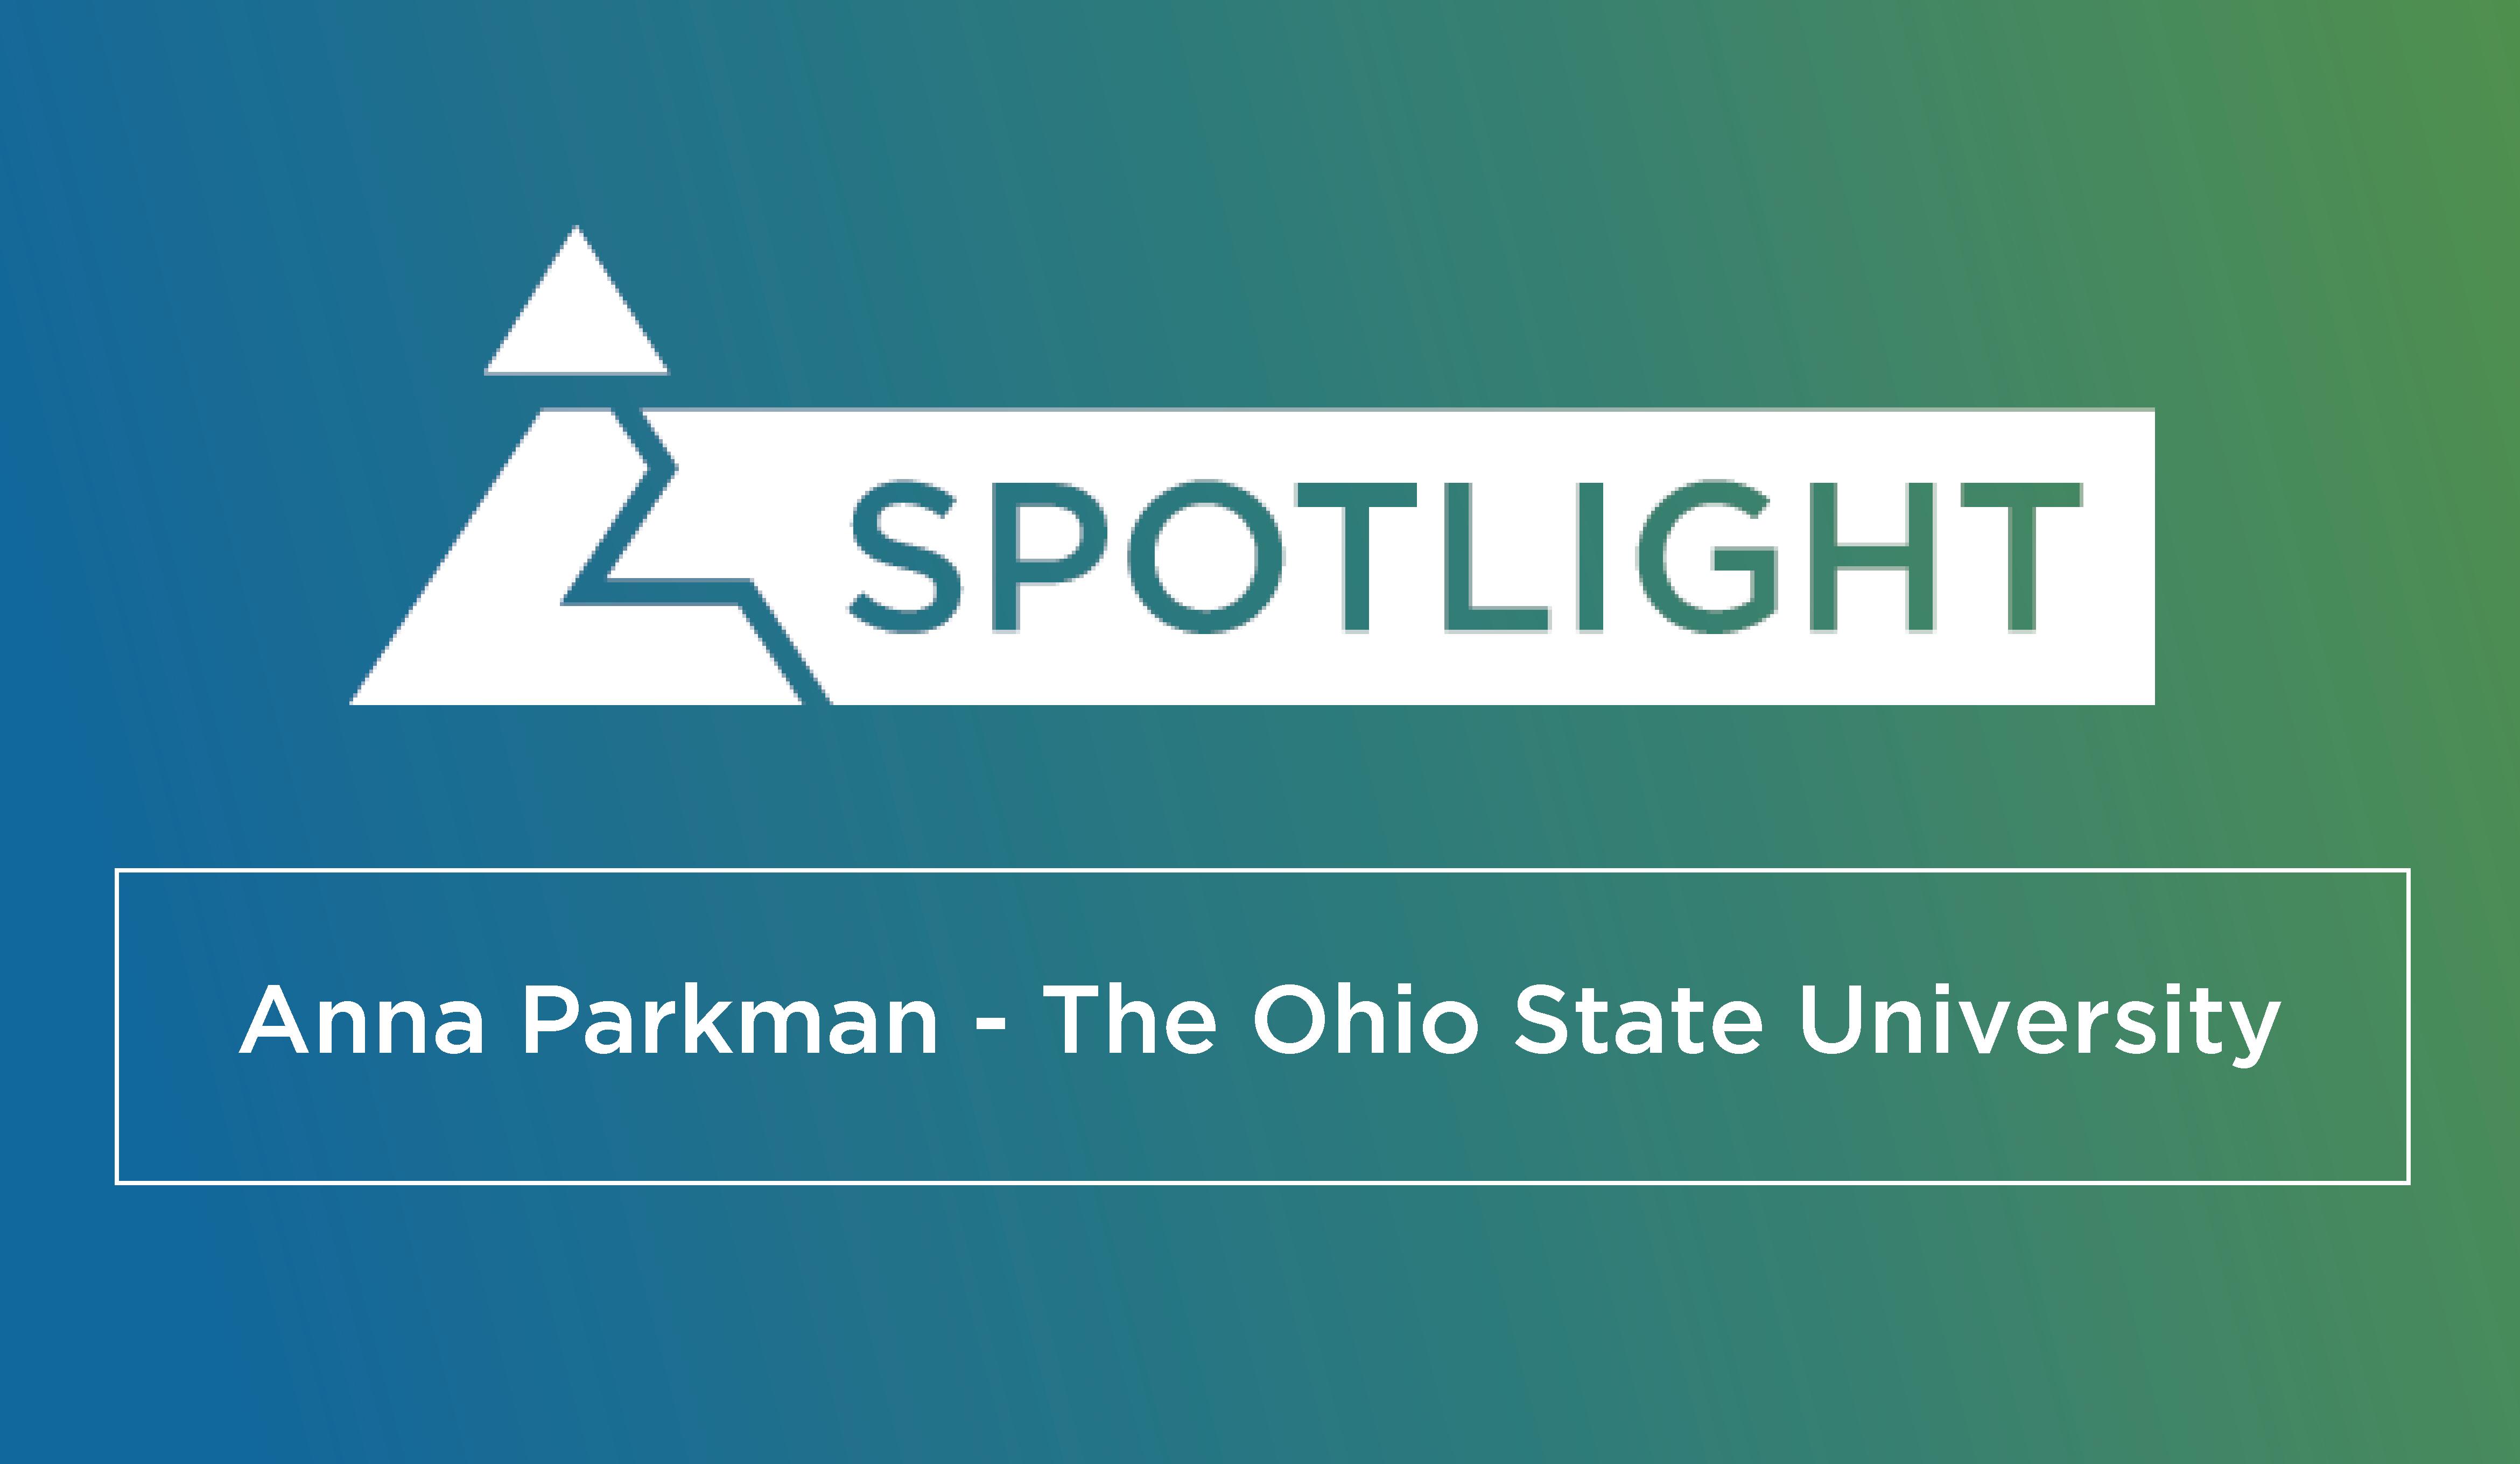 En este momento estás viendo Cómo el Dr. Parkman utiliza CapsimInbox en OSU para abordar 3 problemas críticos en la educación superior